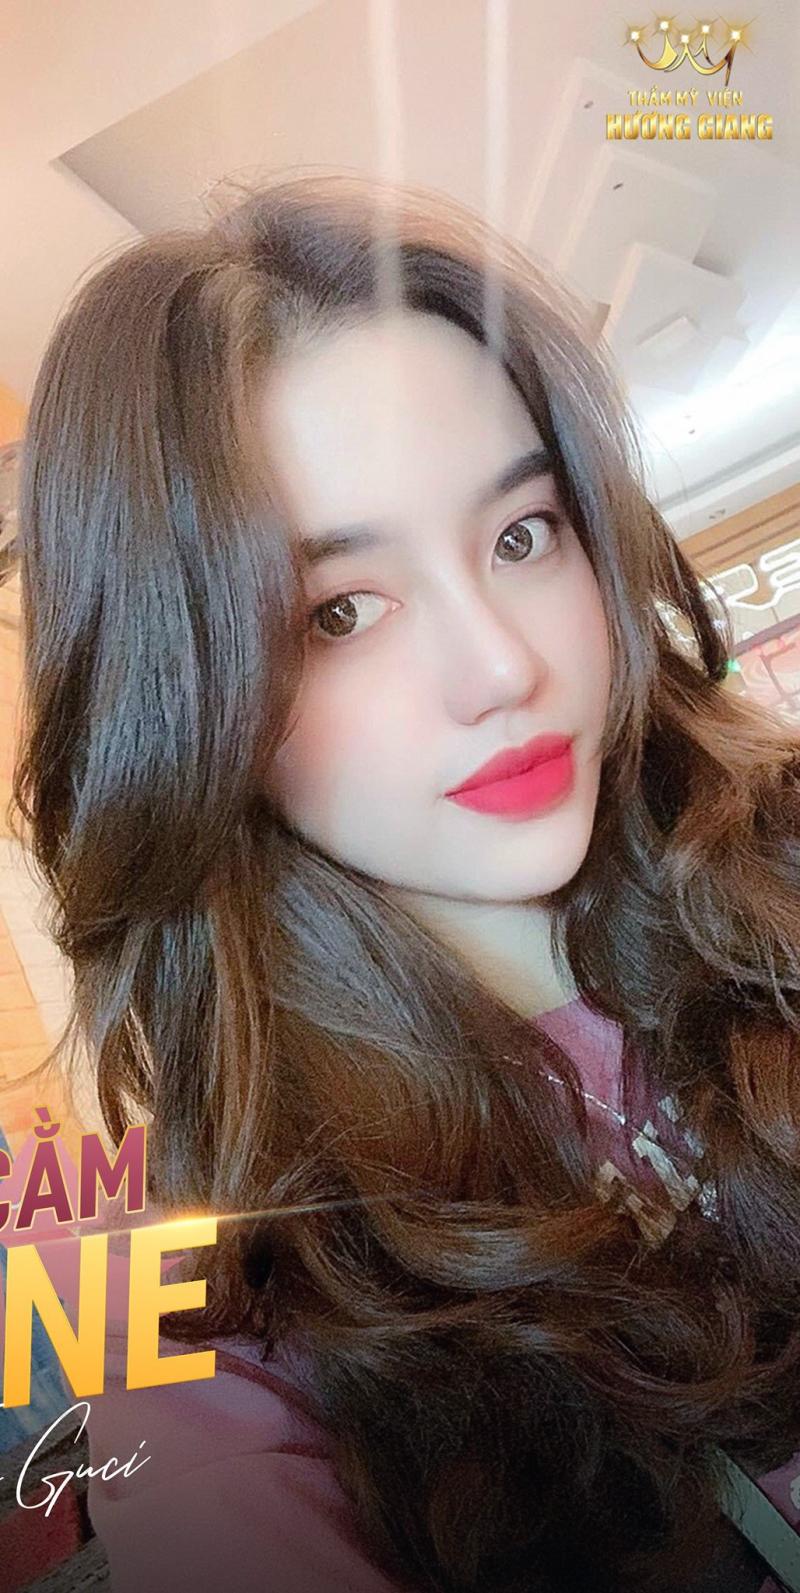 Thẩm mỹ viện Hương Giang